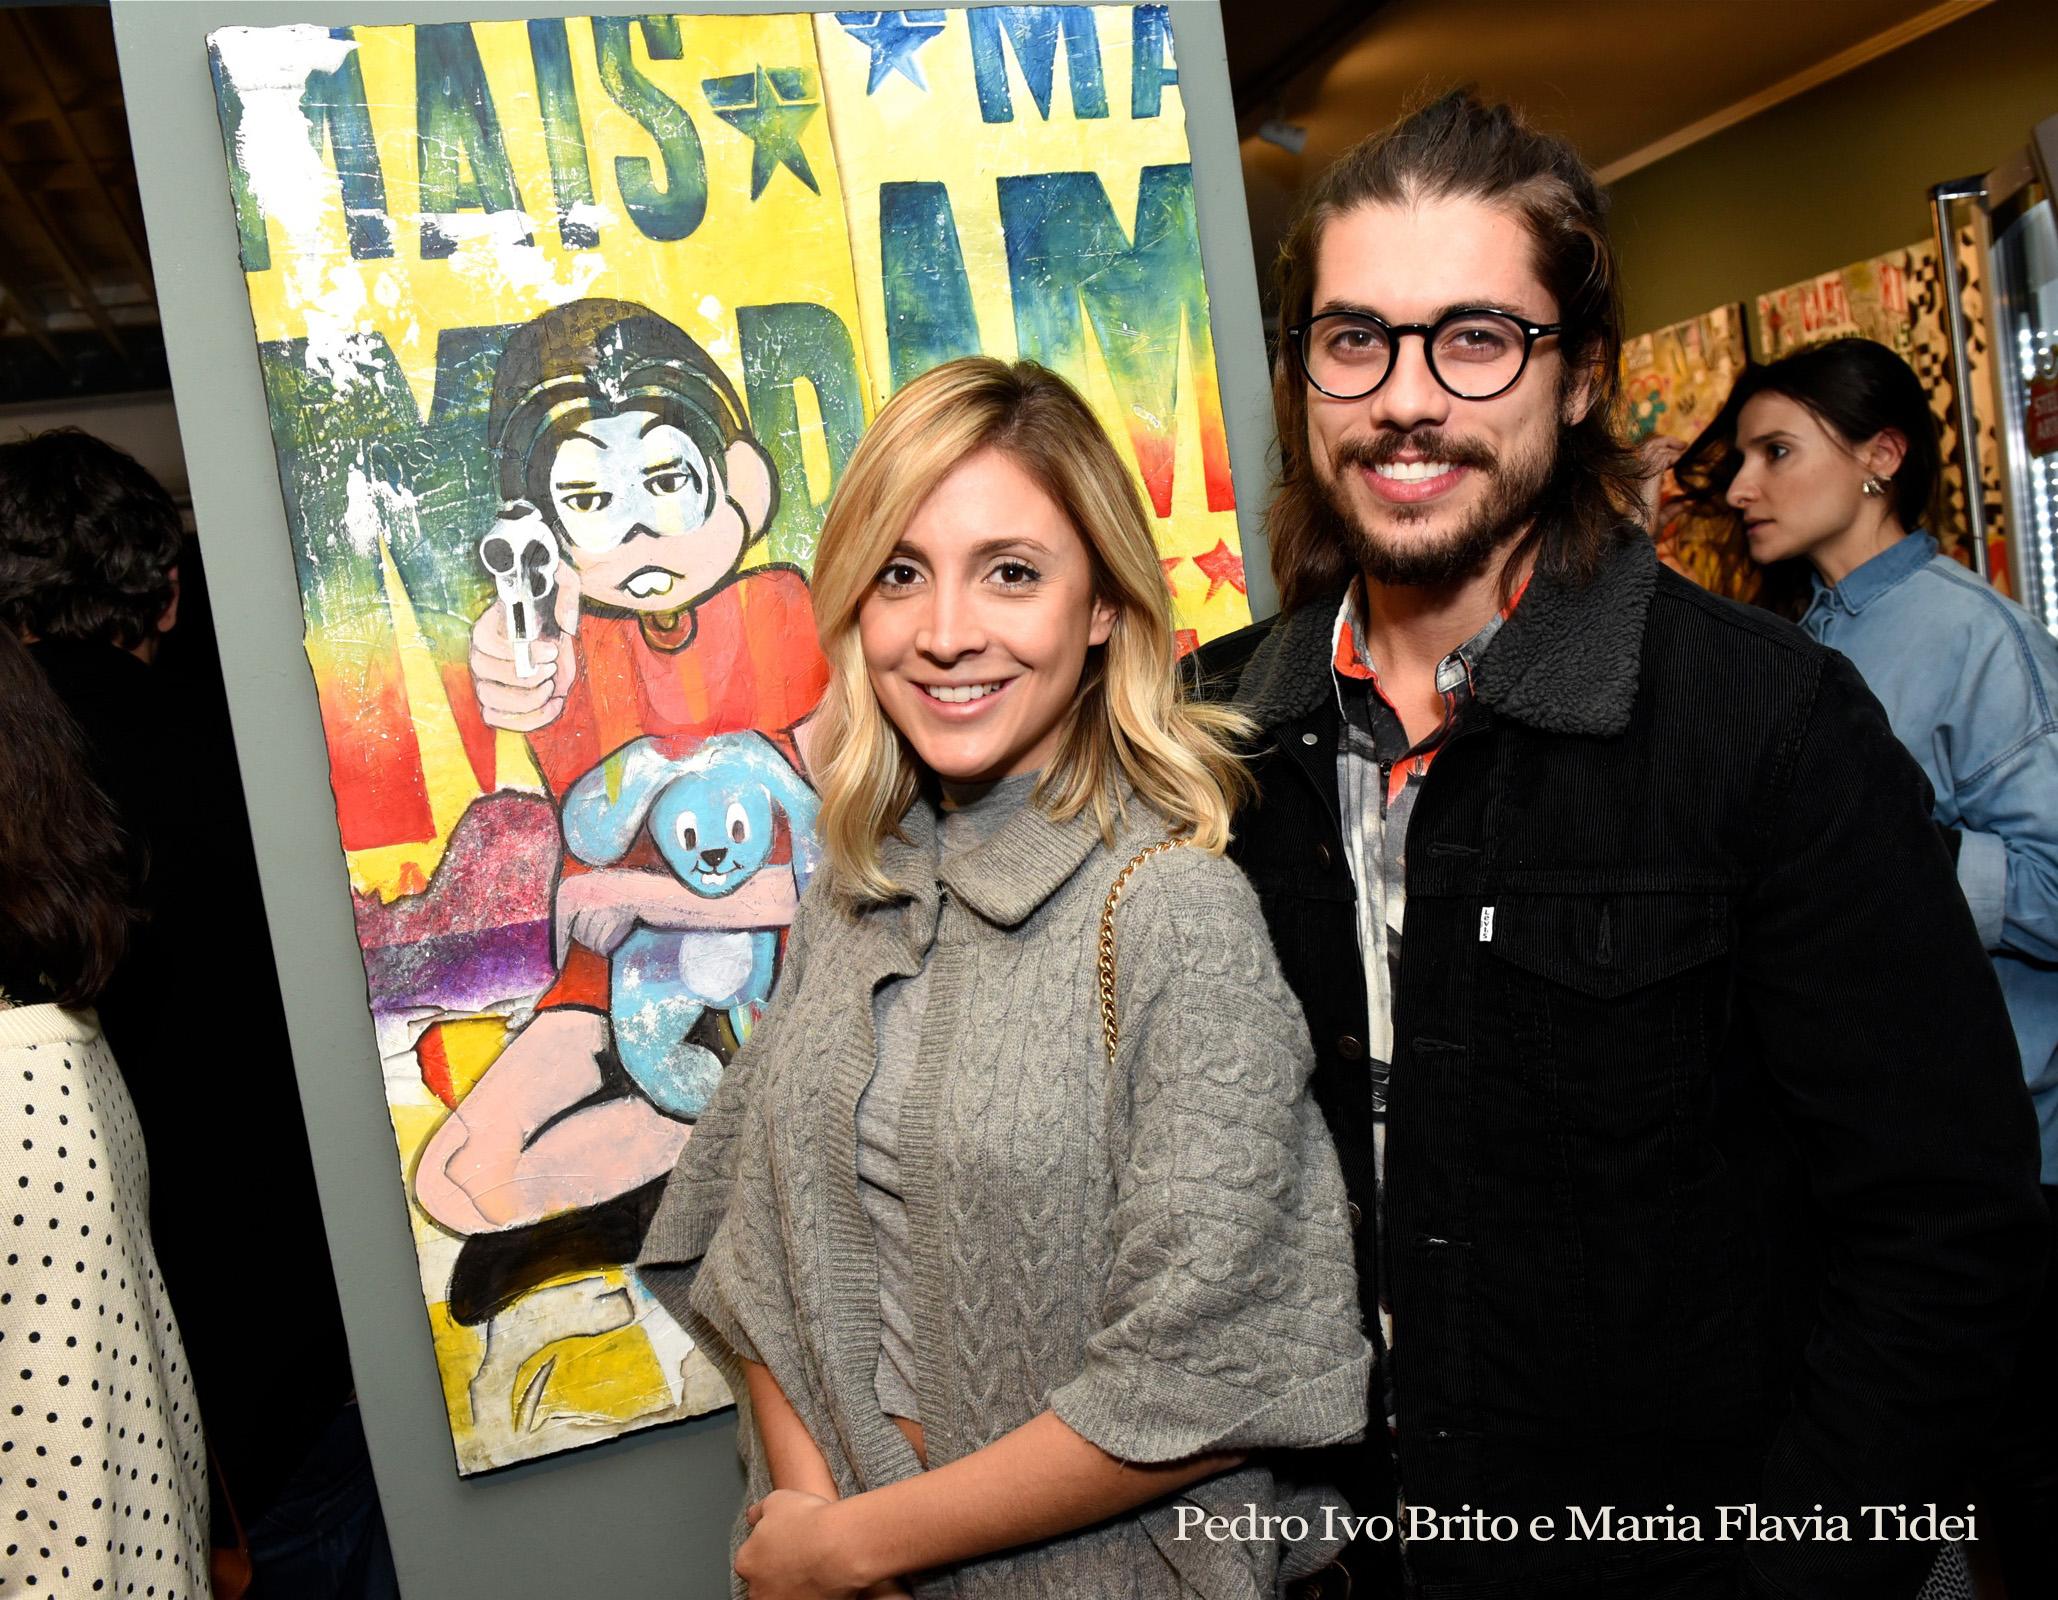 Pedro Ivo Brito e Maria Flavia Tidei-3